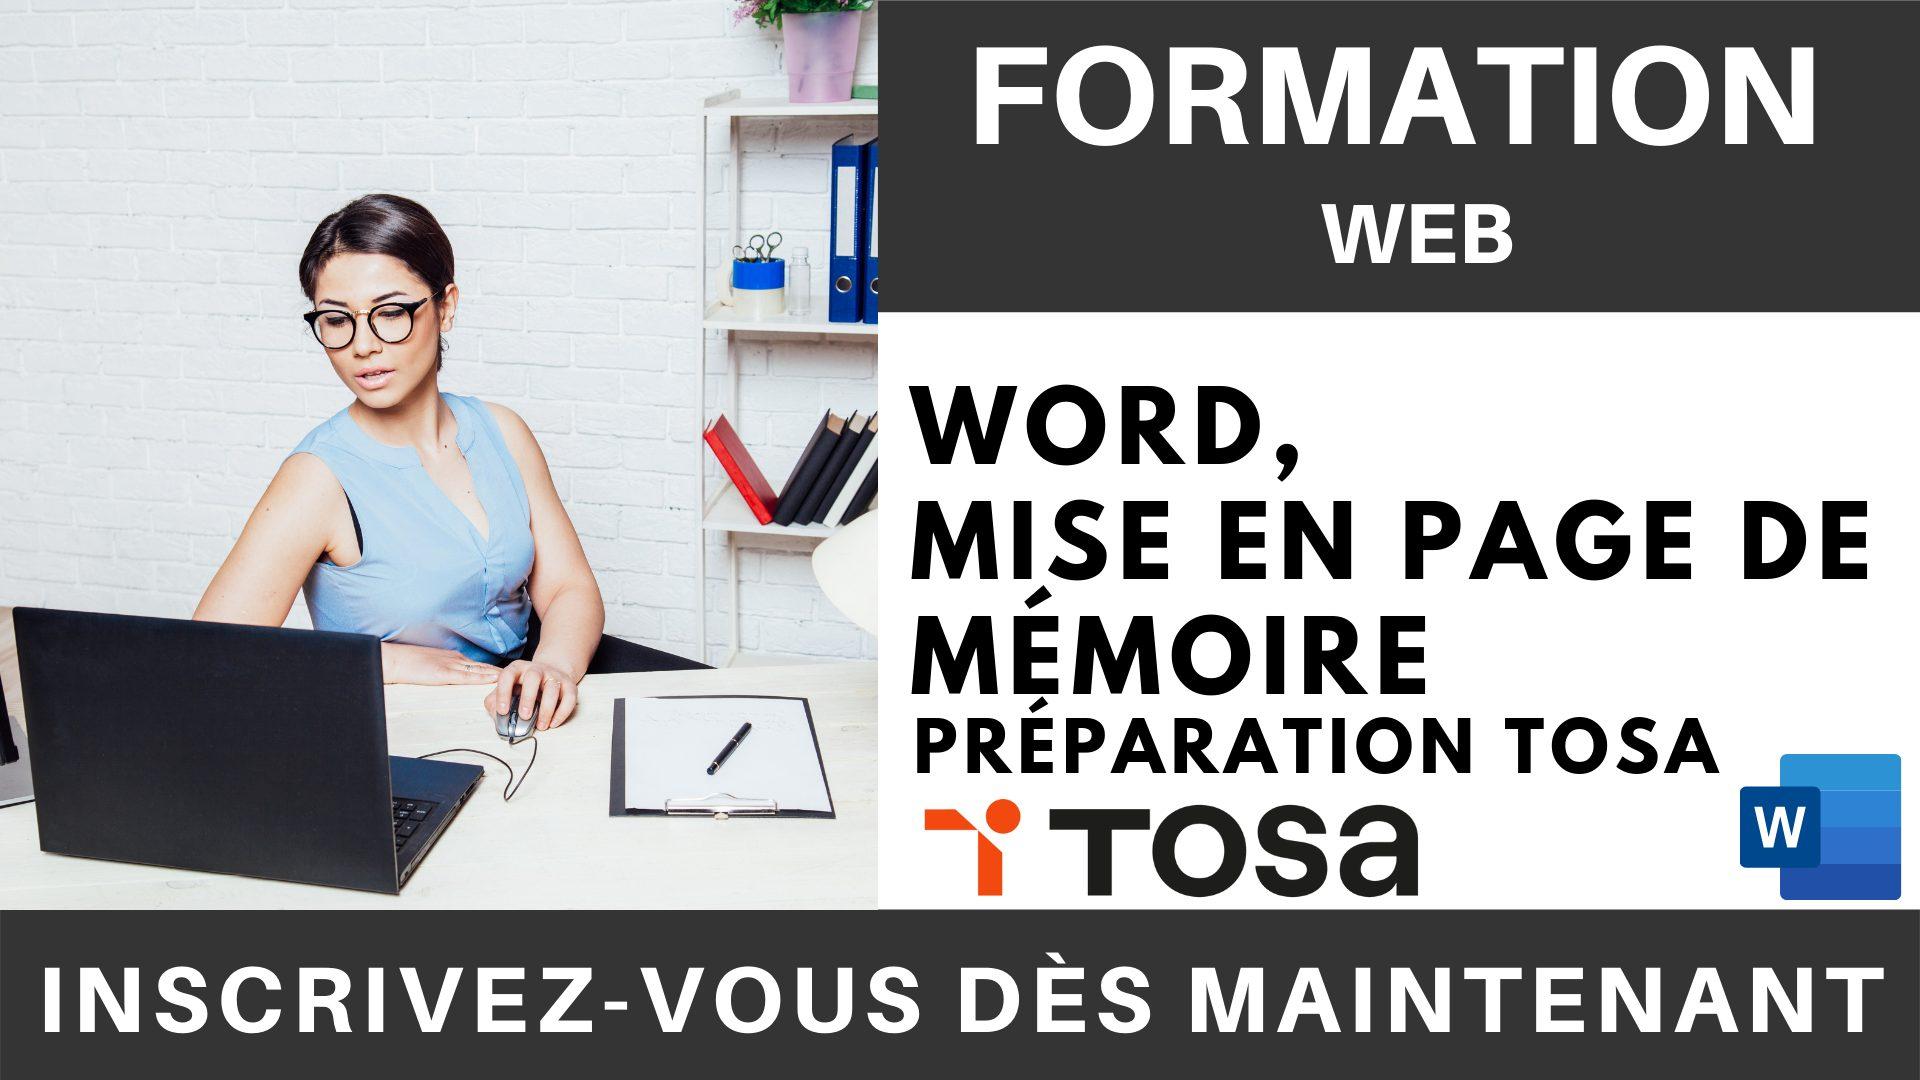 Formation web - Word, Mise en page de Mémoire - Préparation TOSA